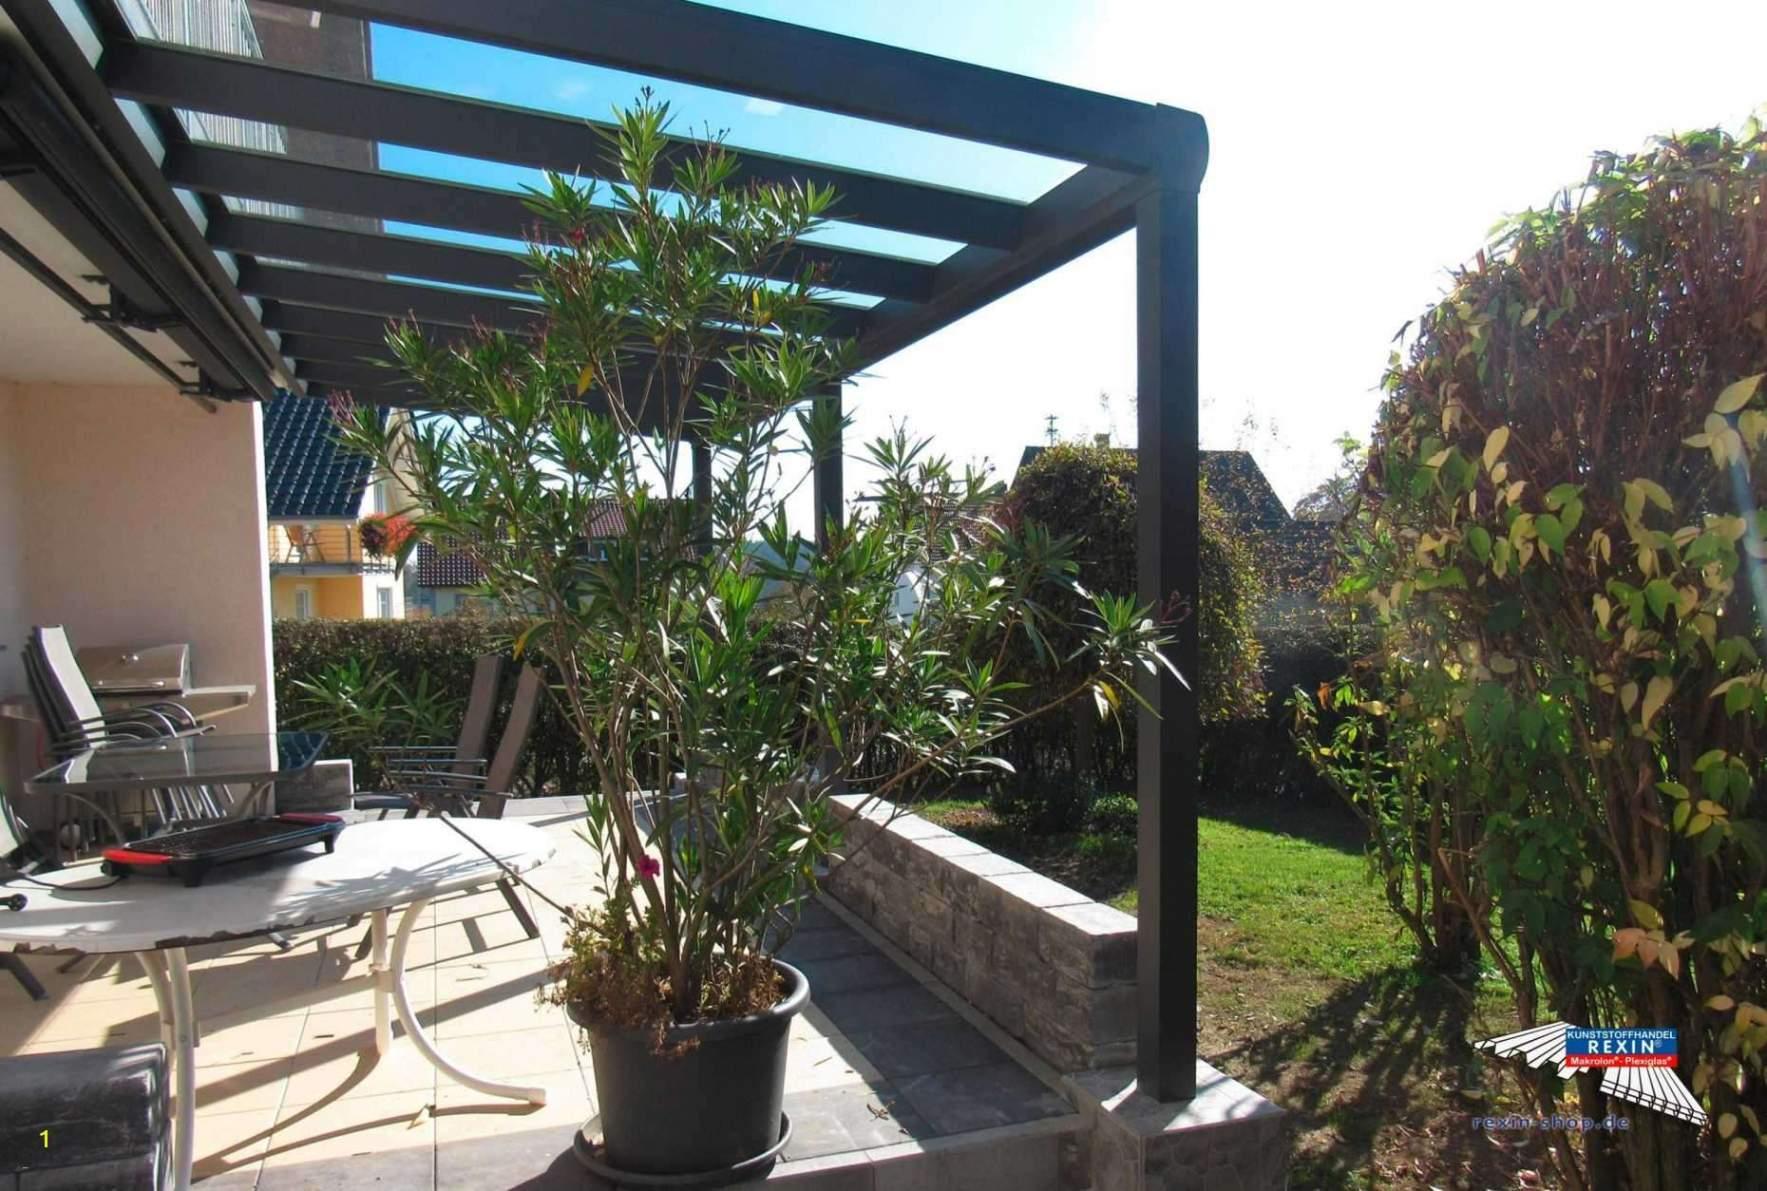 terrassen ideen bilder frisch sommer garten garten terrasse ideen wintergarten mit kamin wintergarten mit kamin